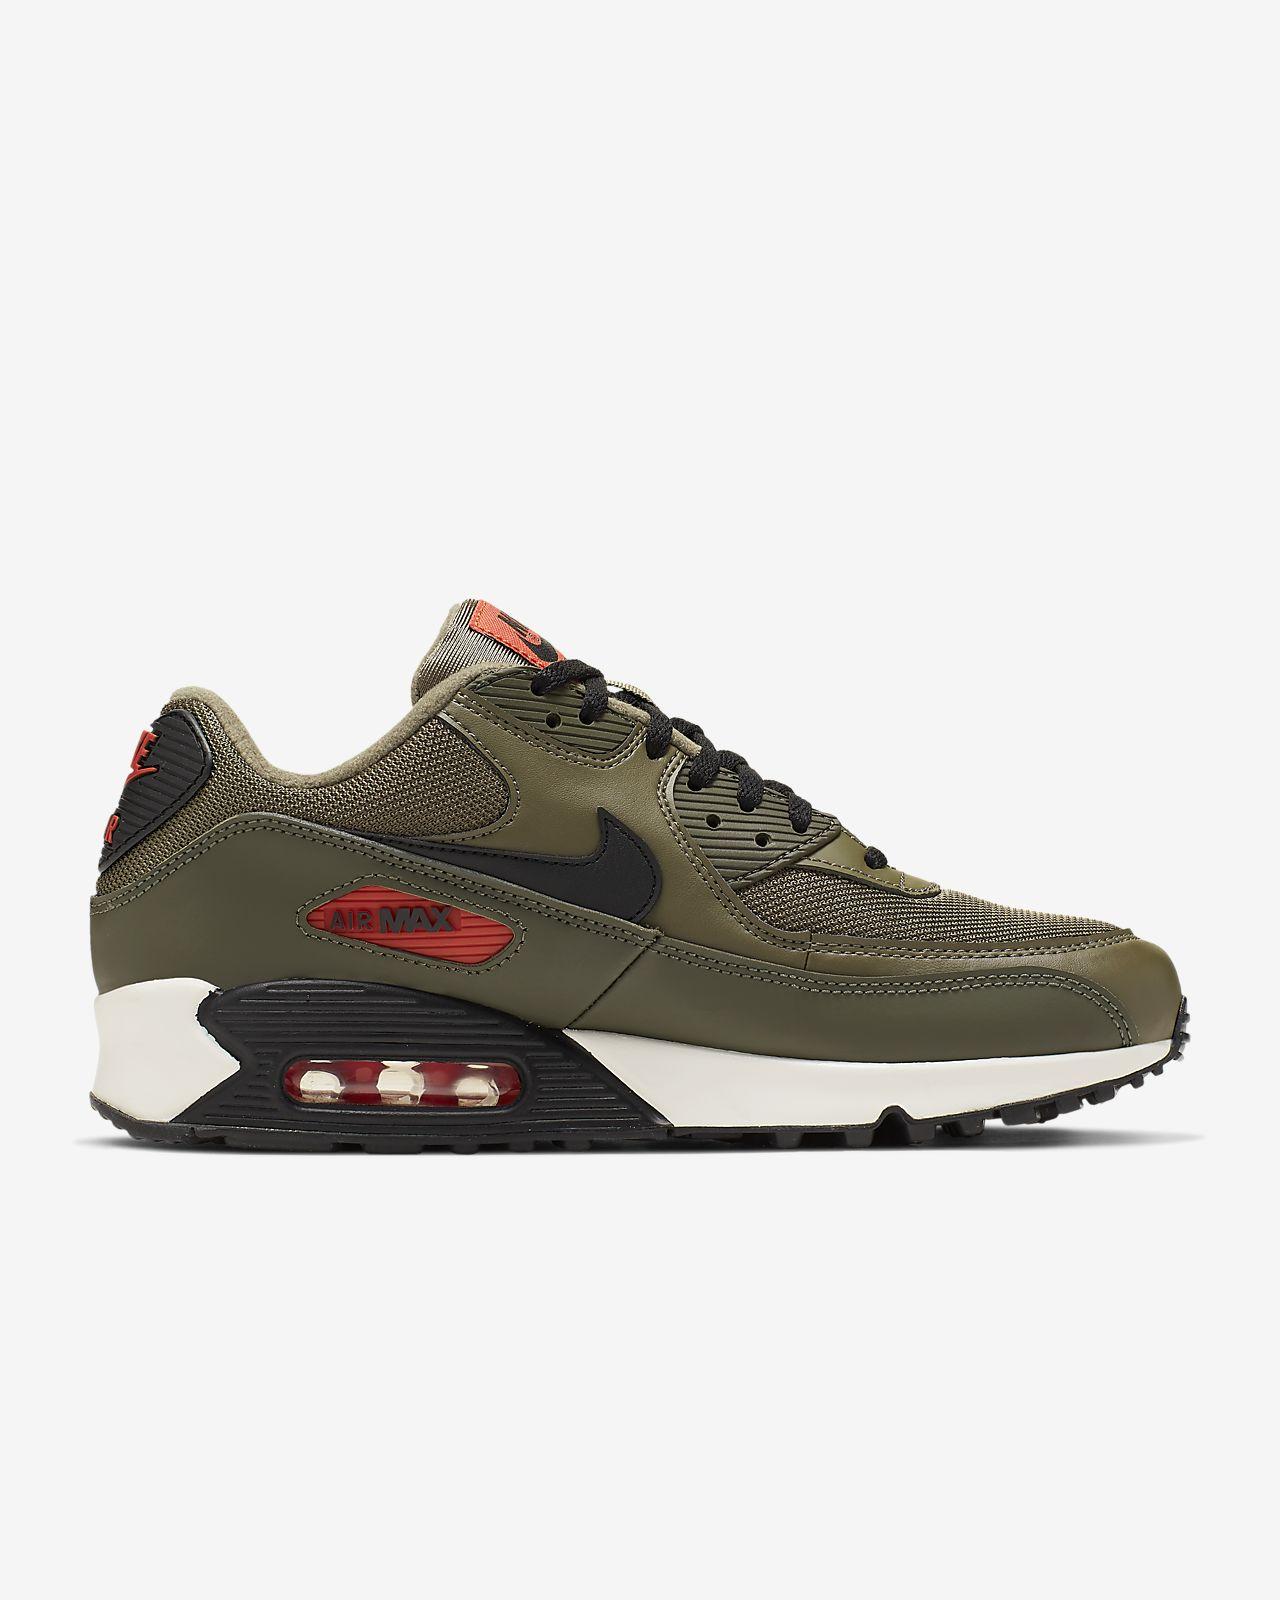 Comprar el precio más bajo Nike Air Max 90 Essential